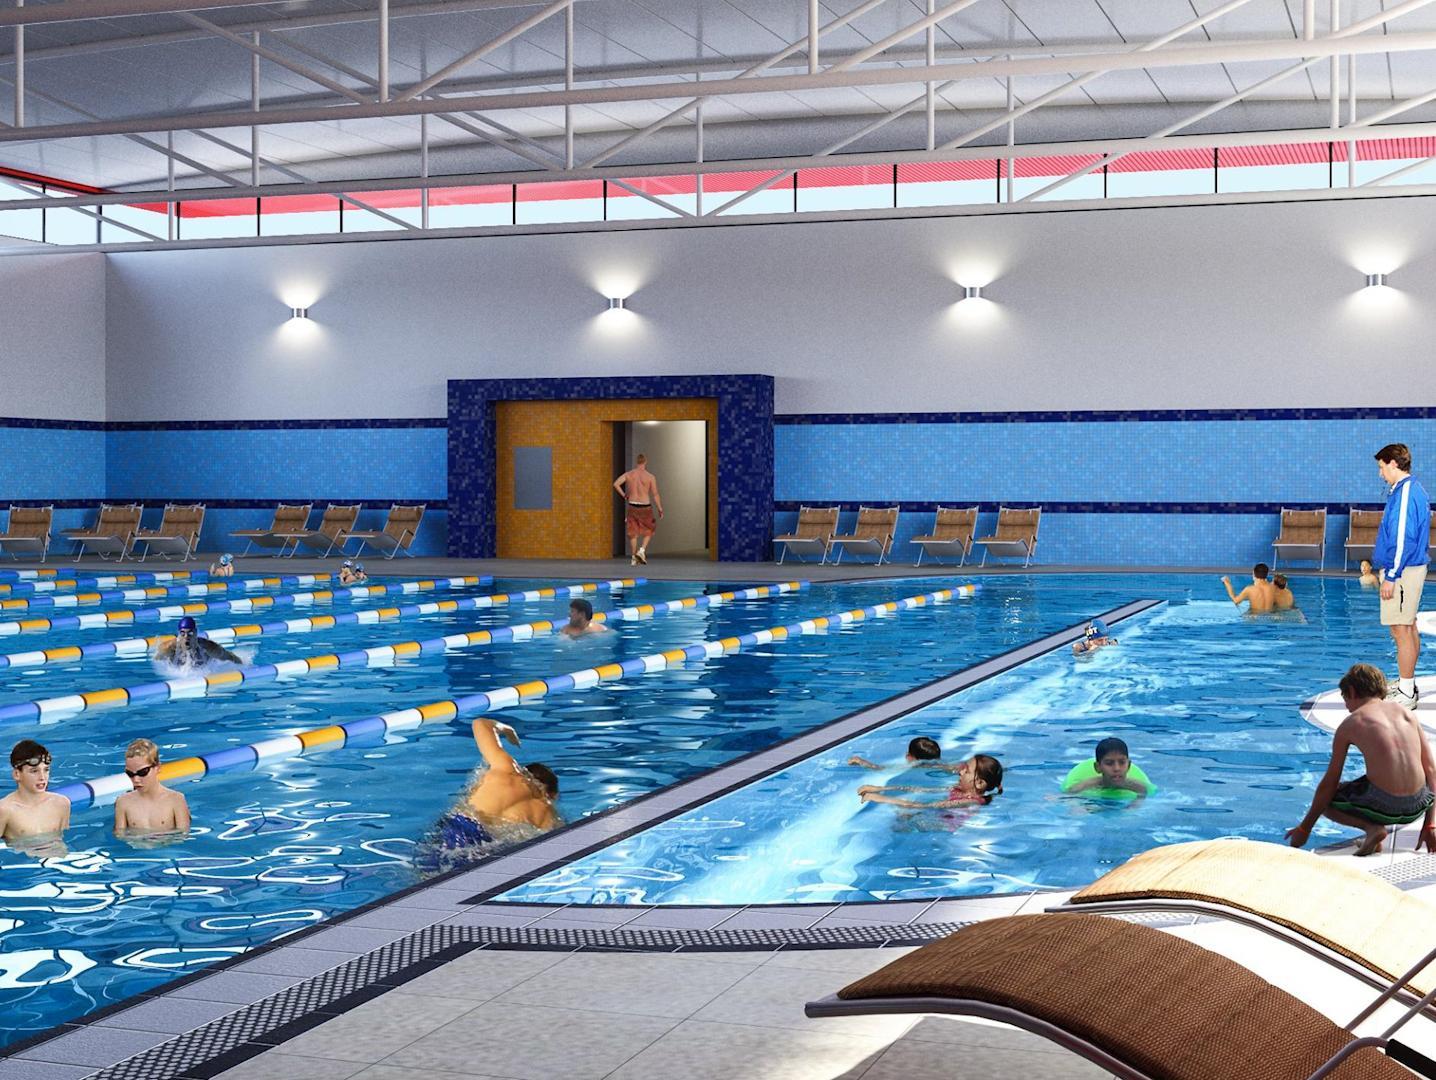 המים של השכן לא כחולים יותר: בקיץ הבא יוכלו ילדי רהט לרחוץ בבריכה שתיבנה בעיר